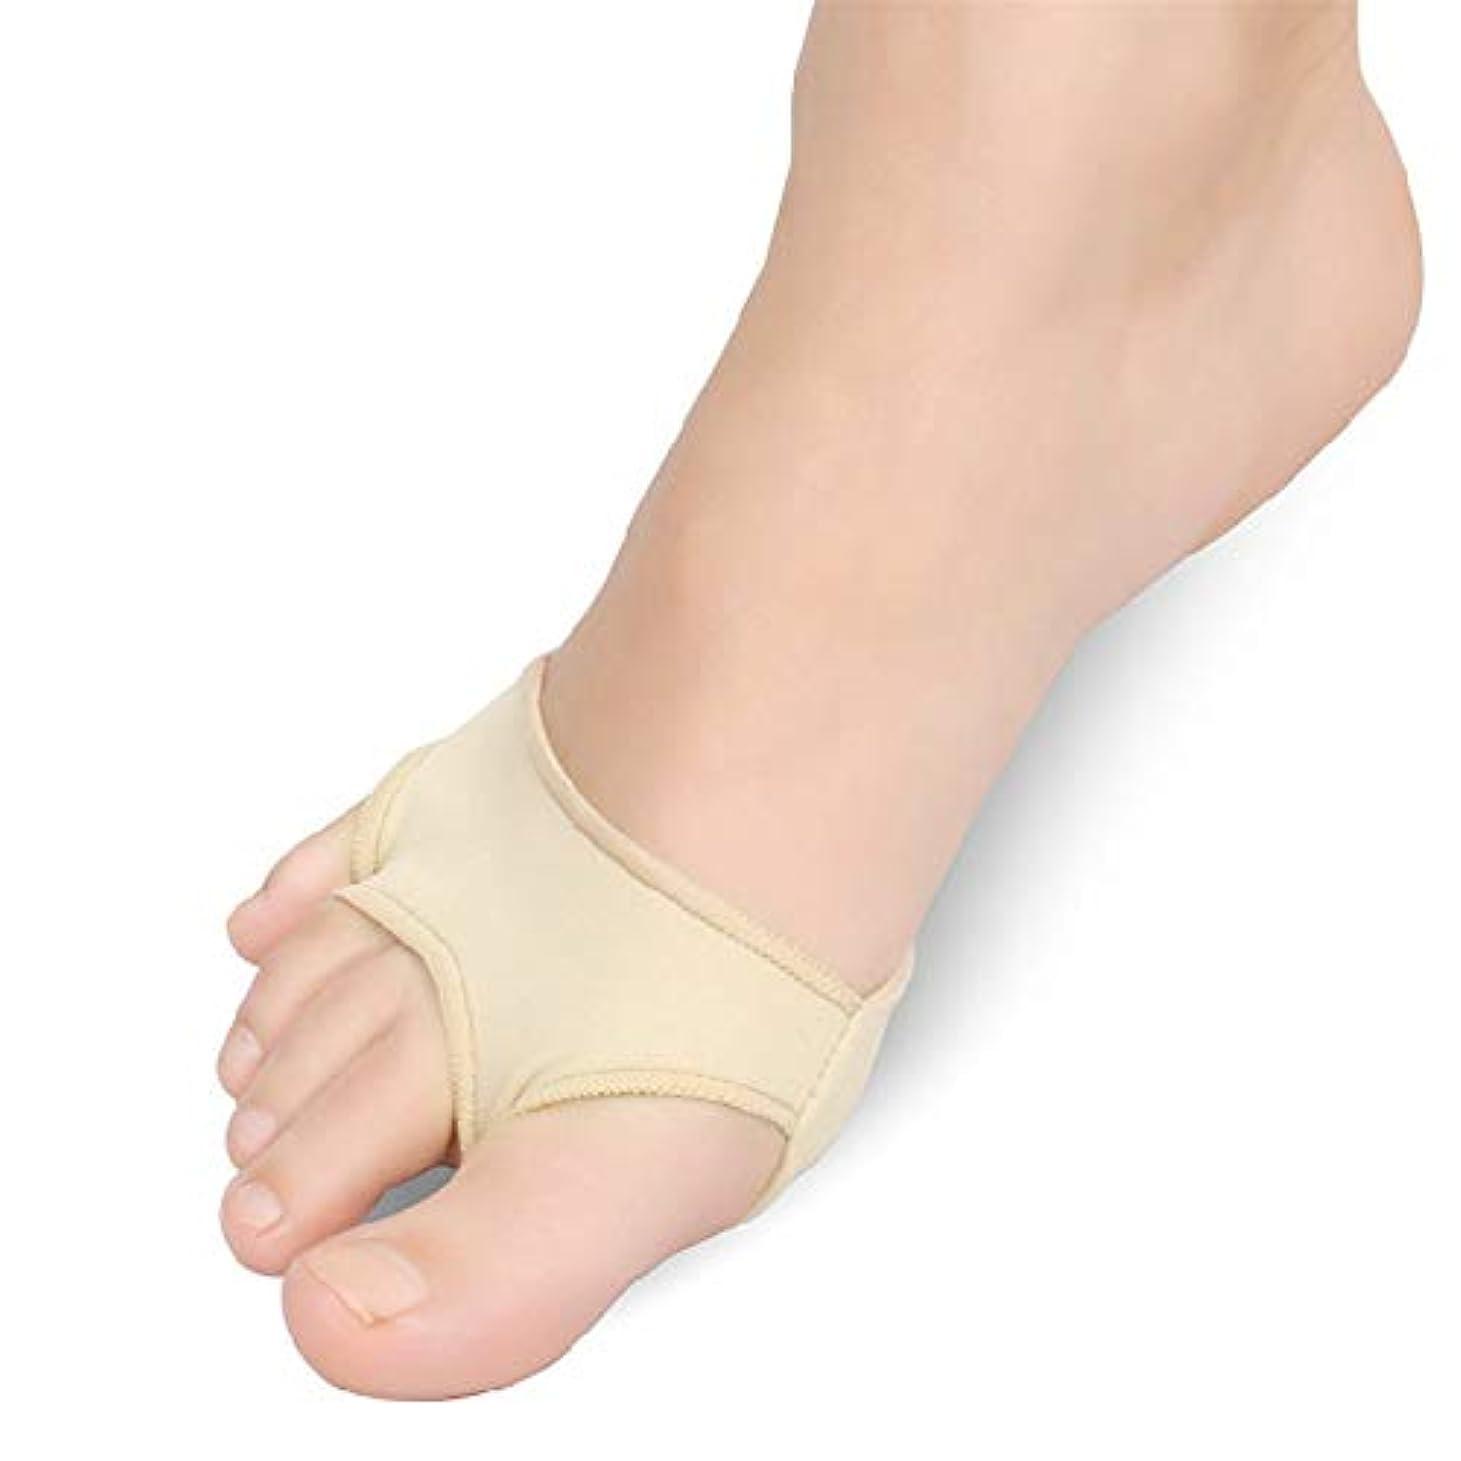 アンティークつかの間ライター足パッドの2足フットゲル前足中足痛緩和吸収クッションボール,S